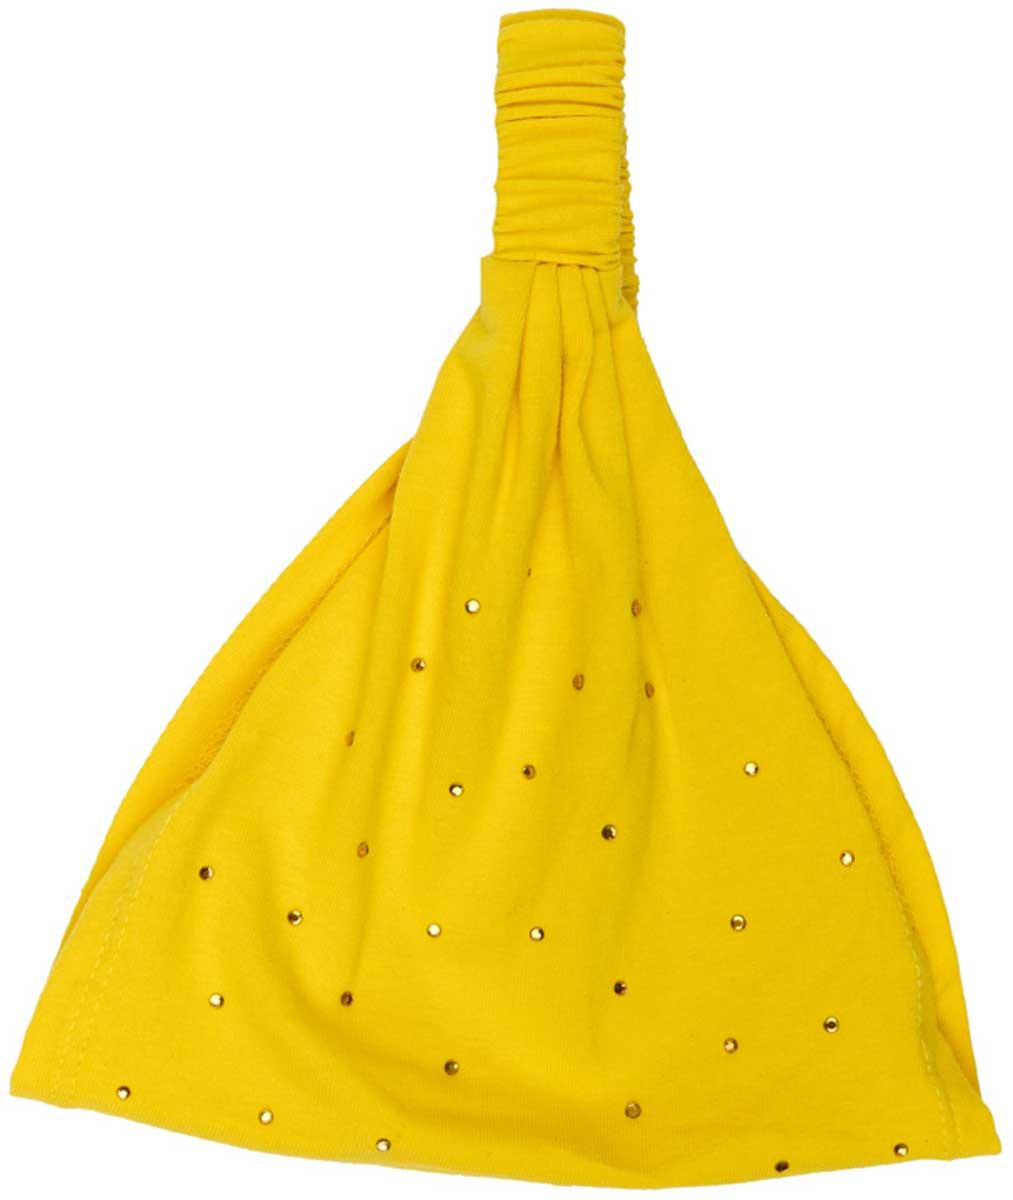 Бандана179018Бандана из натурального материала является неотъемлемой частью летнего детского гардероба. Очень мягкая и легкая, не раздражает нежную кожу ребенка. Бандана на широкой резинке, поэтому ни активные игры, ни ветерок не снесут бандану с головы.Преимущества:Бандана на широкой резинкеНатуральный материал не раздражает нежную кожу ребенкаКомфортна при носке